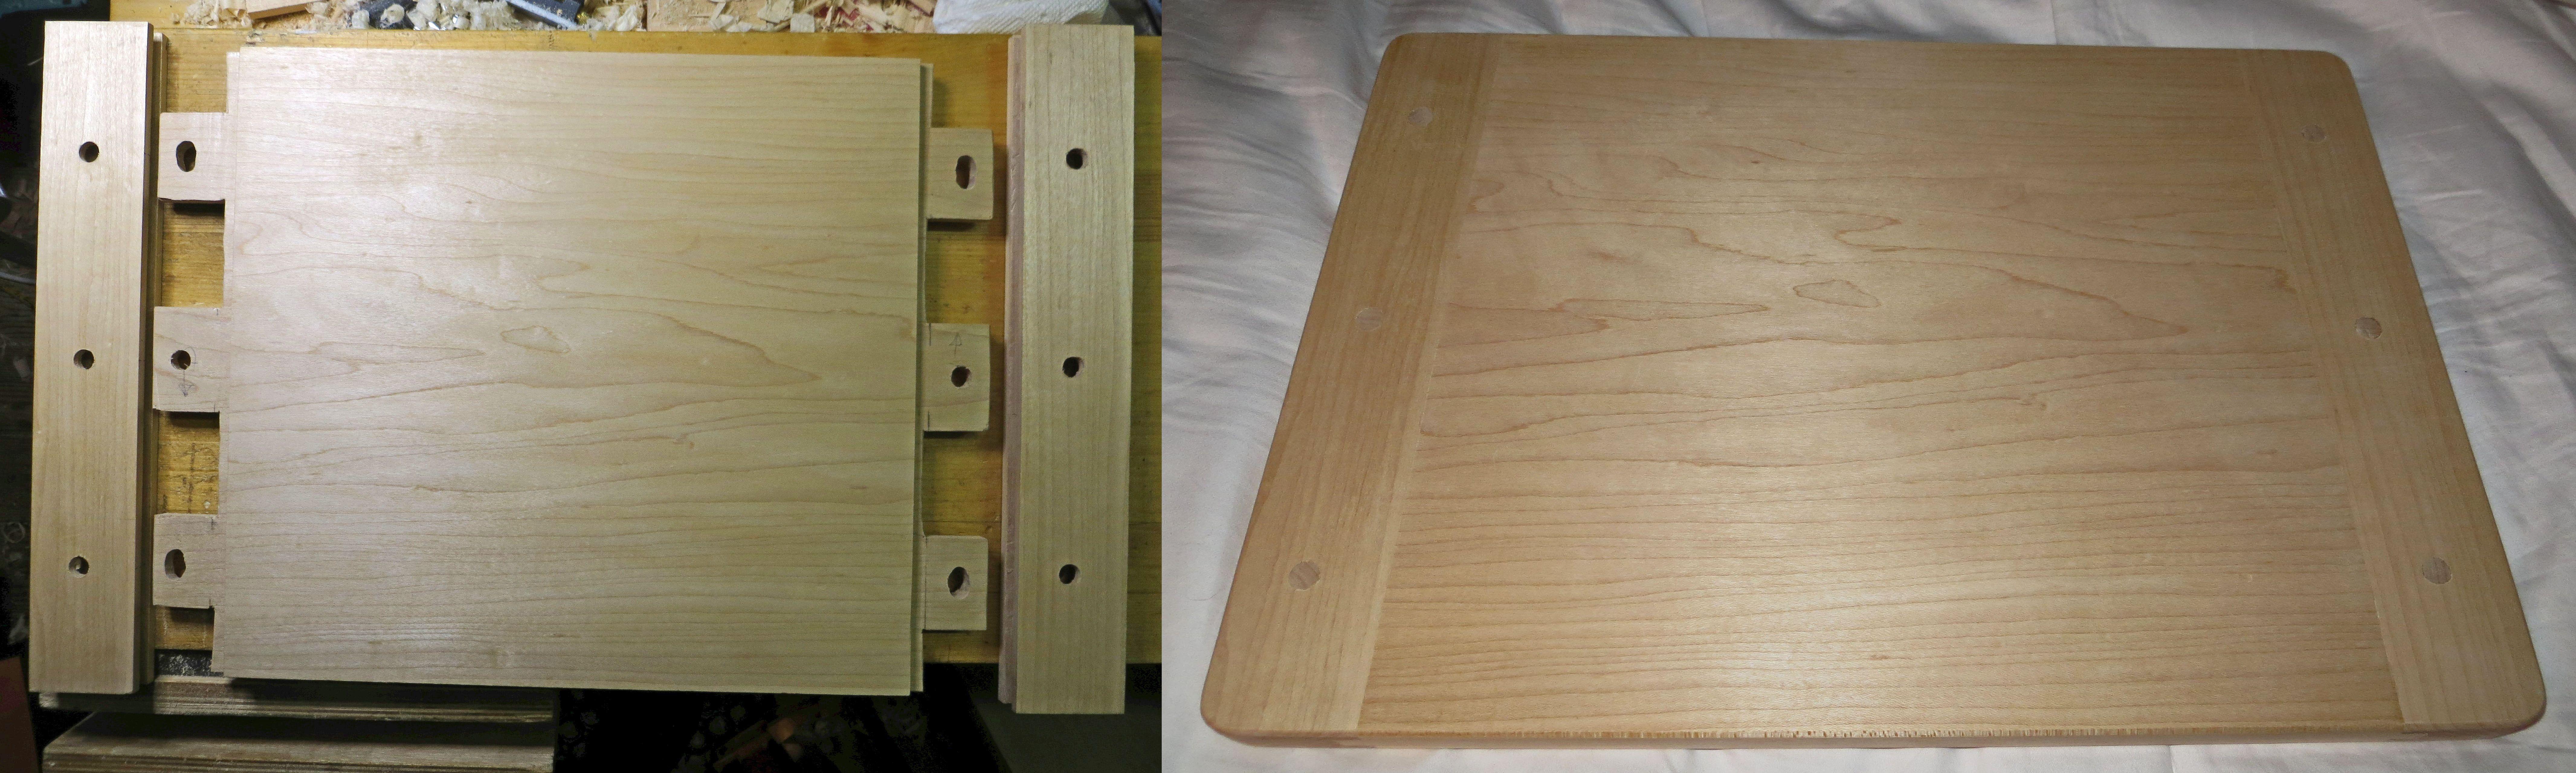 Breadboard-end Cutting Board by mercified